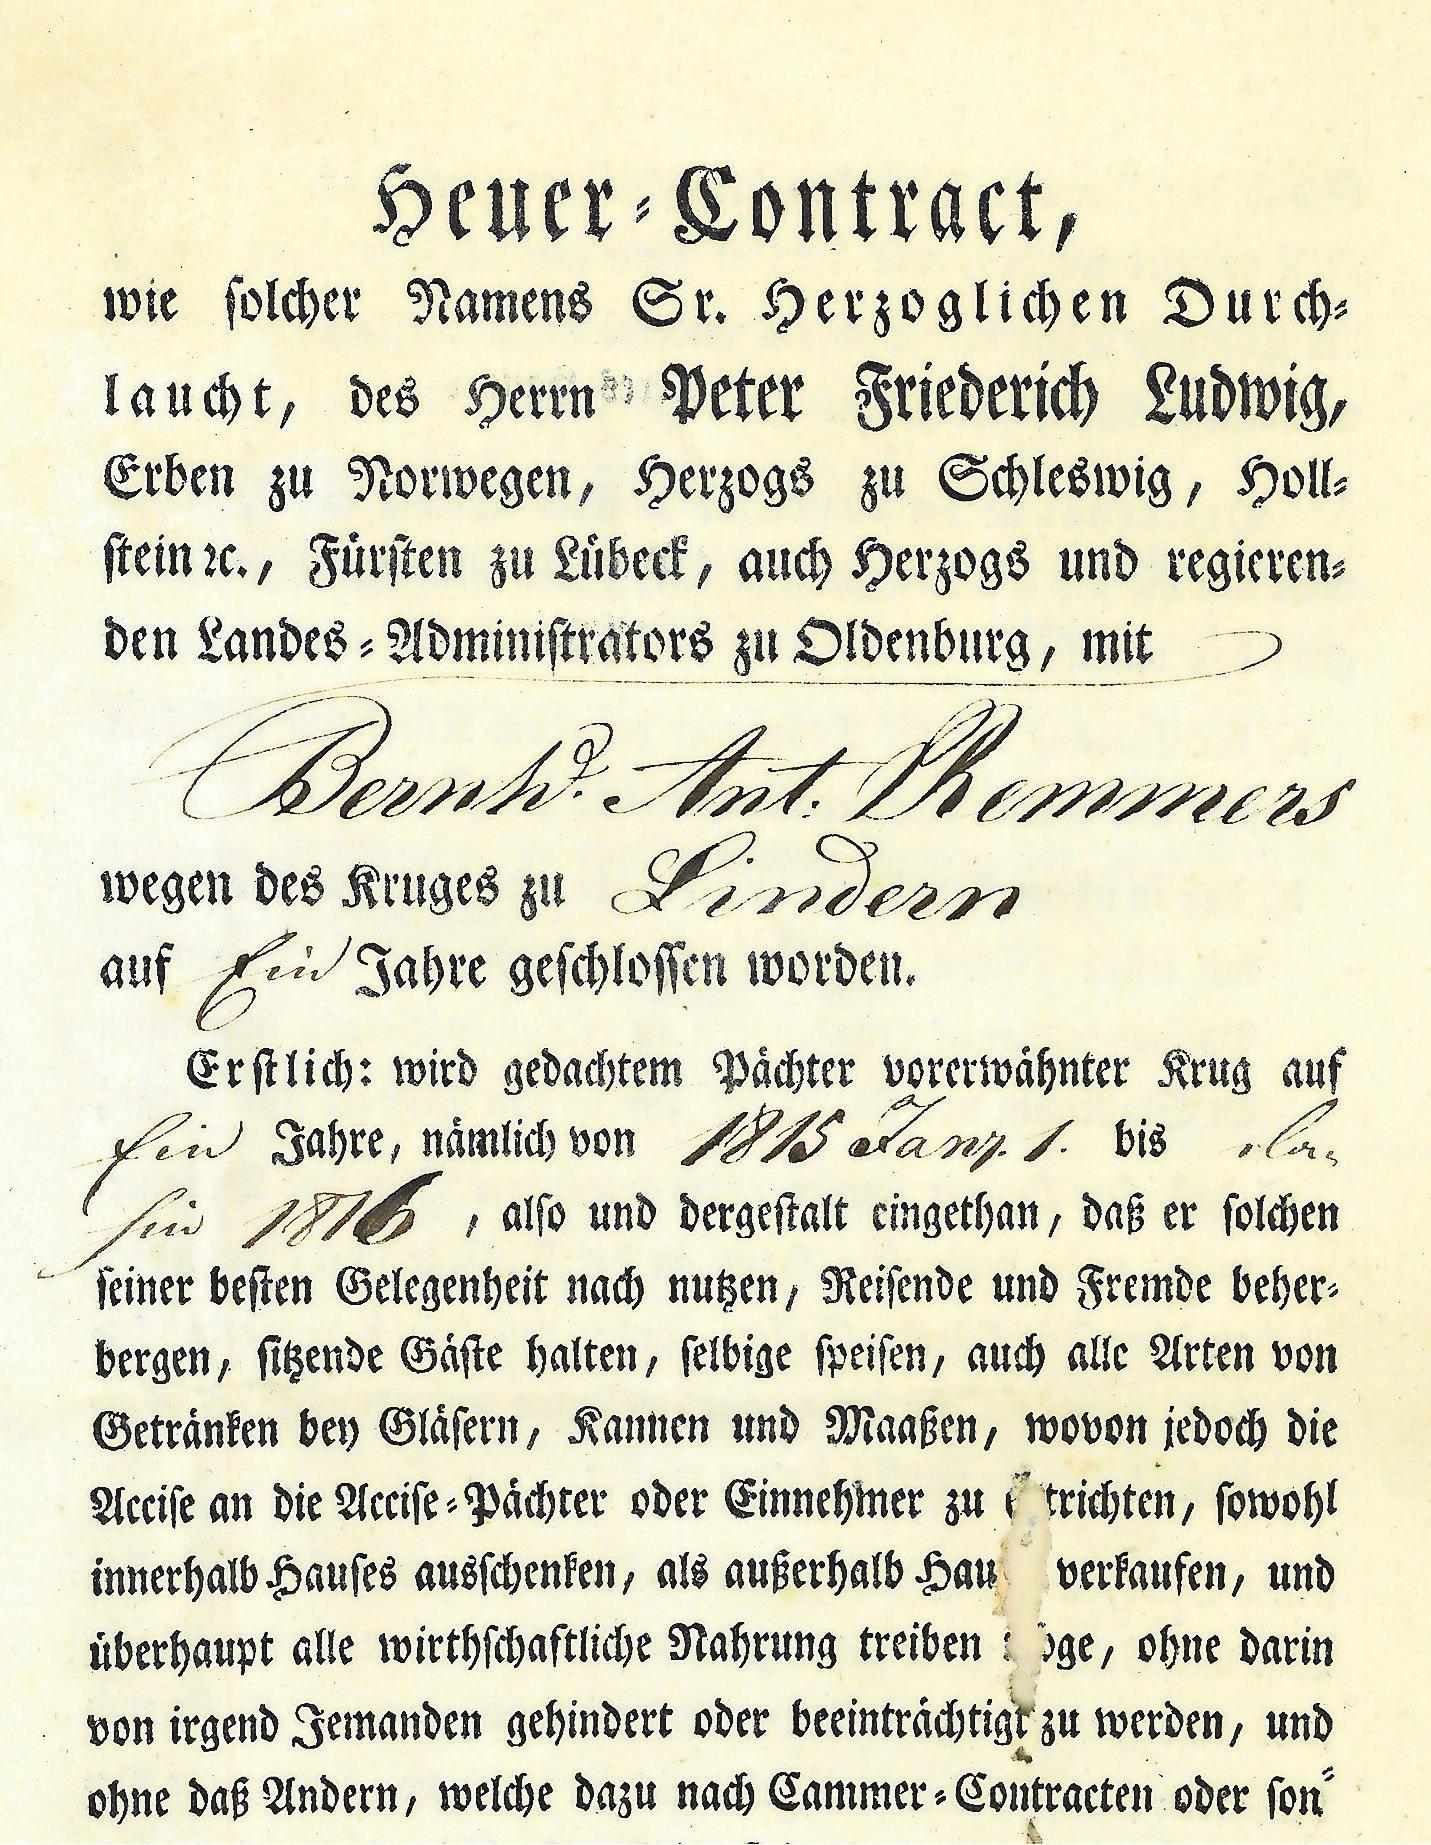 """Alte Dokumente: Erstmals lässt sich eine Gastwirtschafts-Konzession für die Familie Remmers 1815 nachweisen. Bernd Anton Remmers unterschrieb den gedruckten """"Heuer-Contract"""" zunächst für ein Jahr. Fotos: Heimatbibliothek Vechta"""